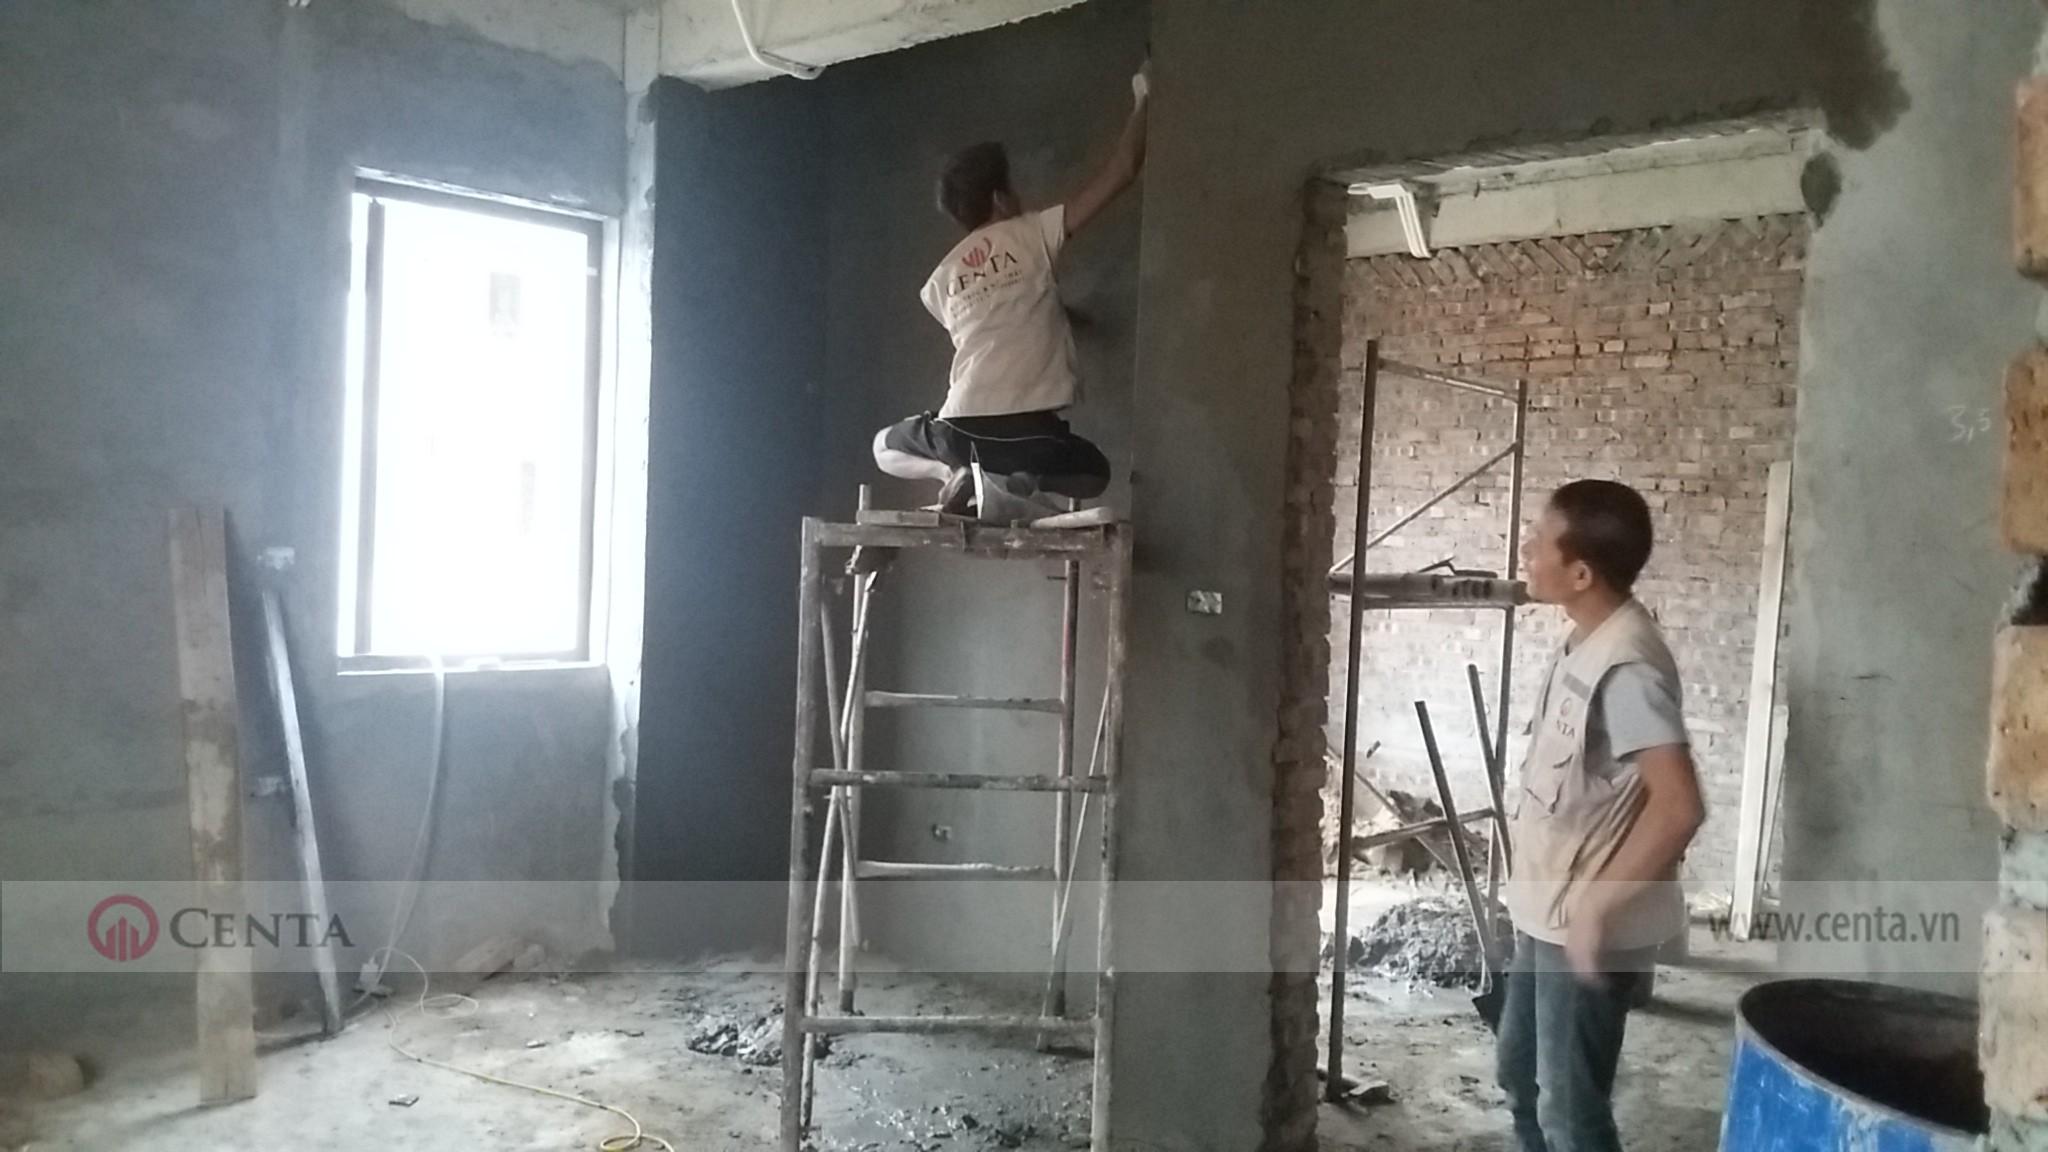 kiểm tra giám sát thi công hoàn thiện hạng mục nề tường xây đẹp biệt thự